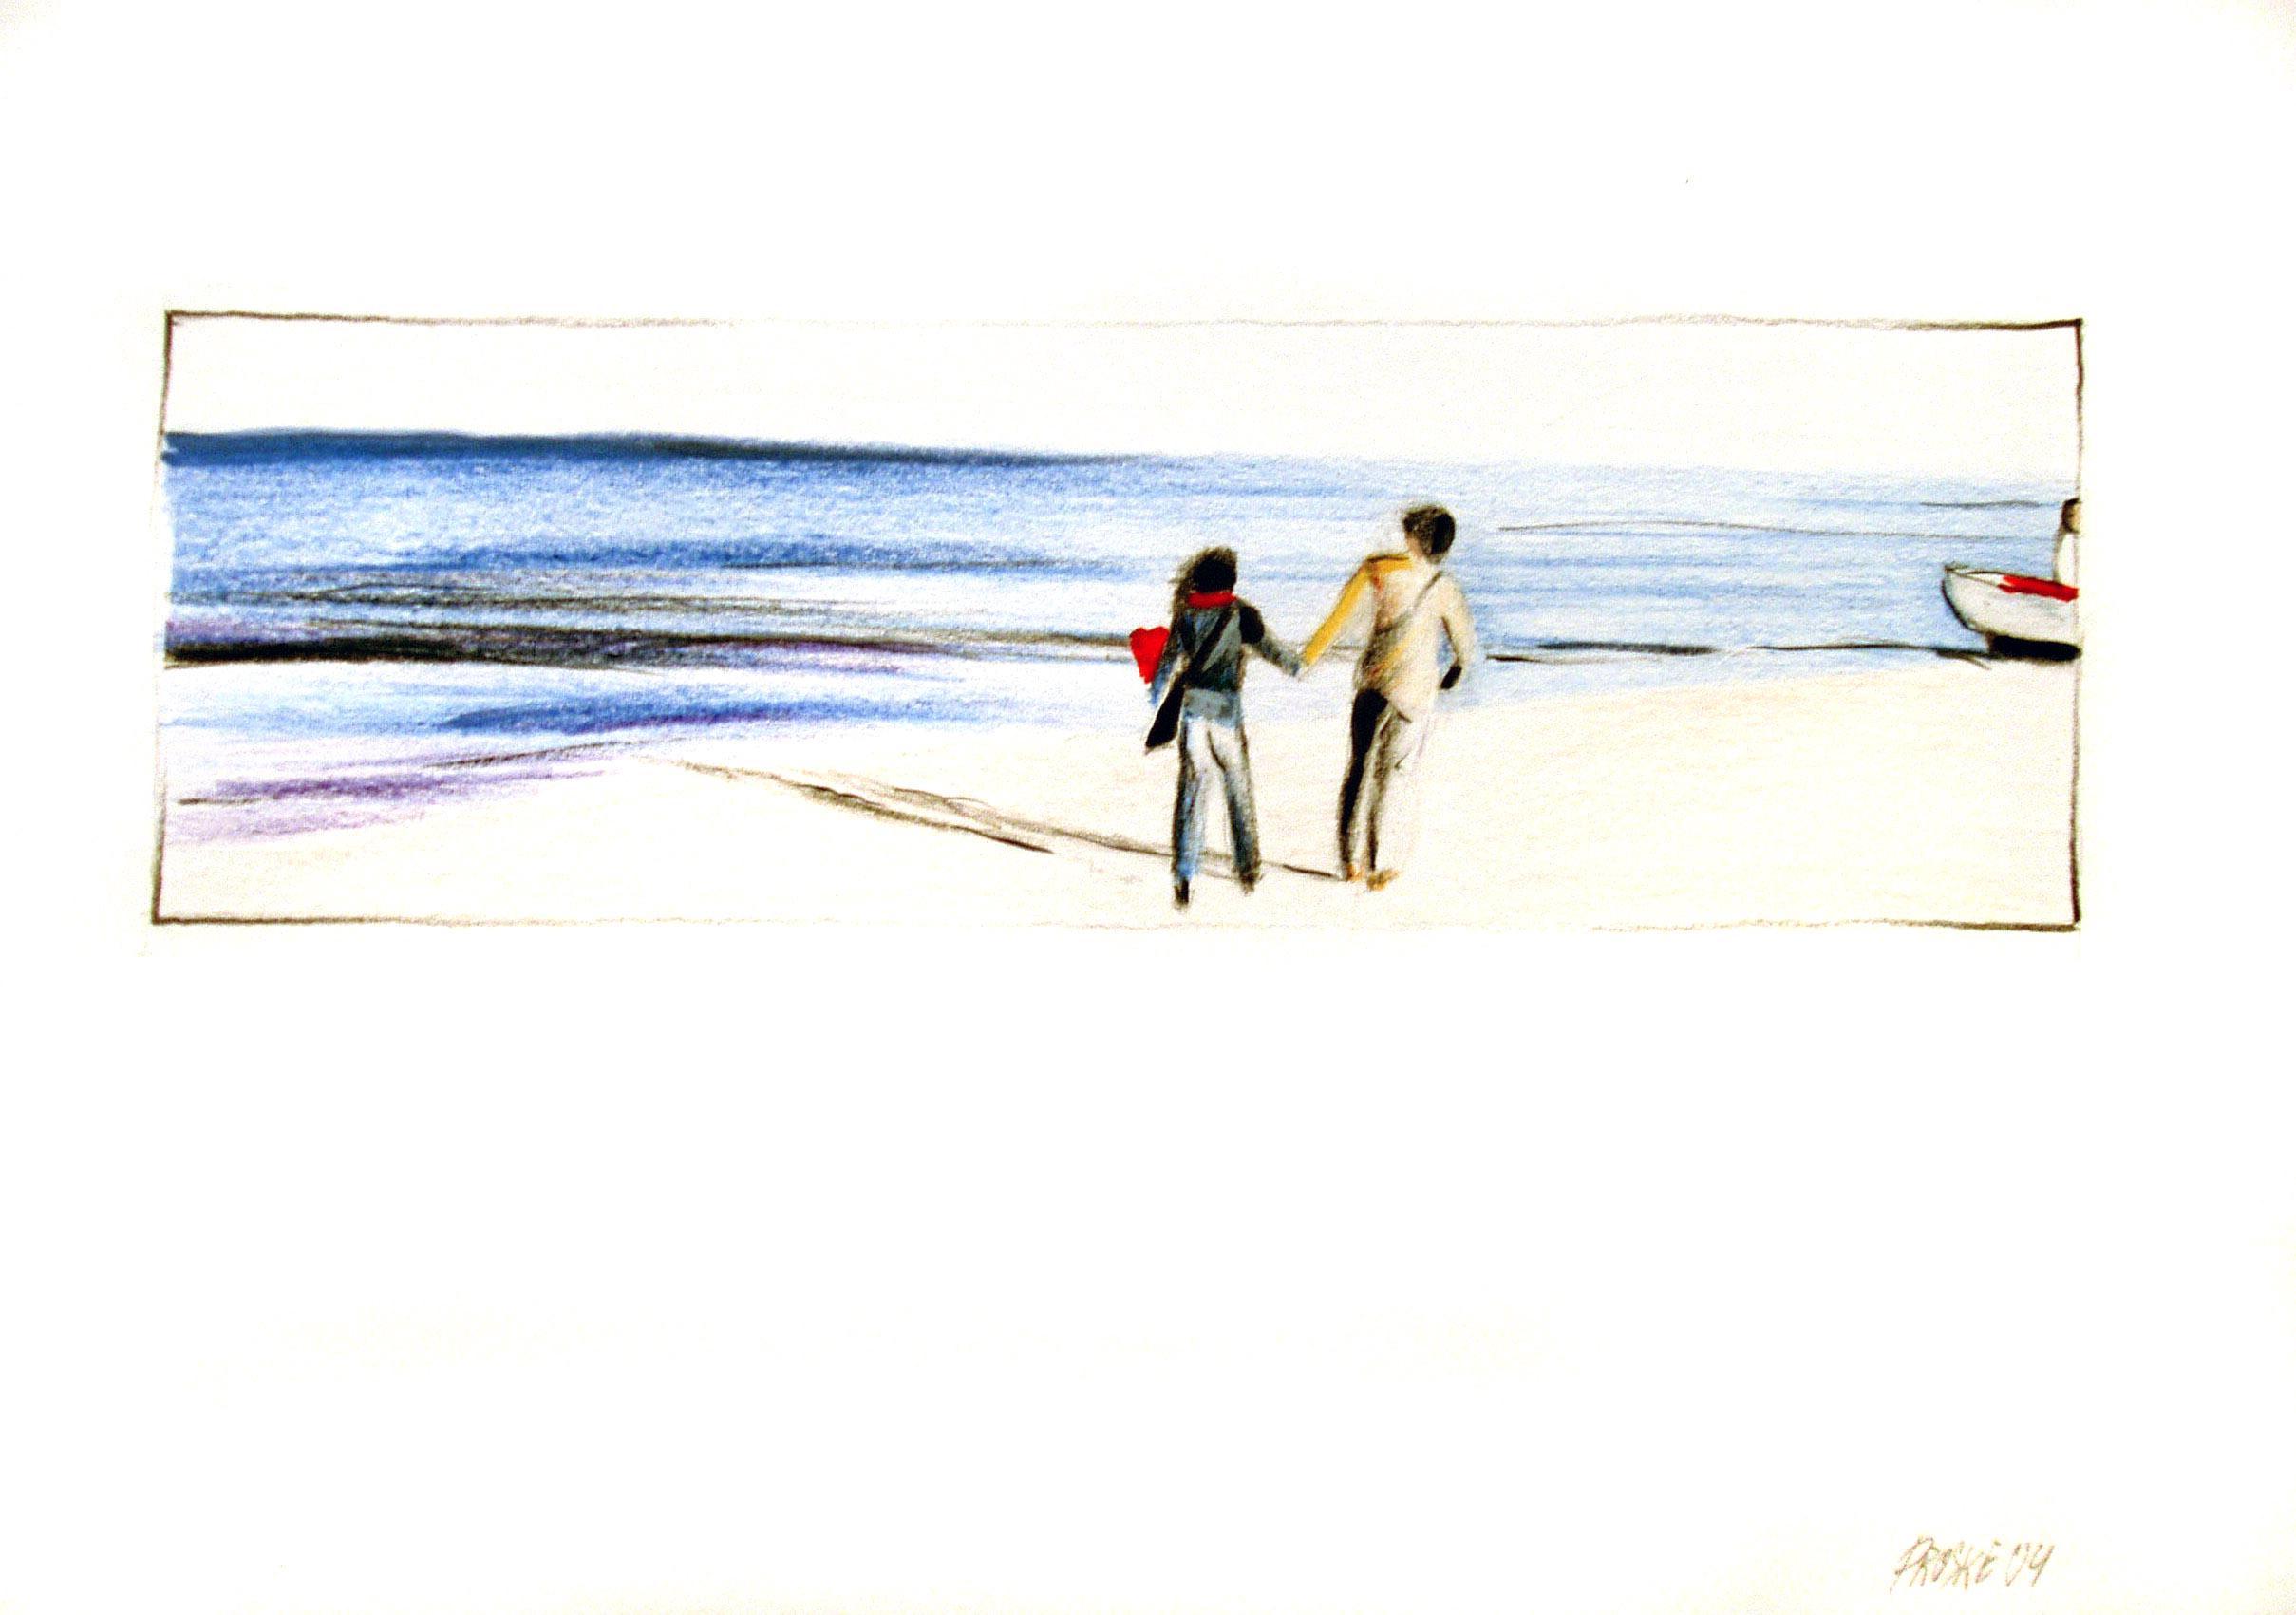 en passant 19,30 x 40. Farbstift:Papier, 2004.jpg